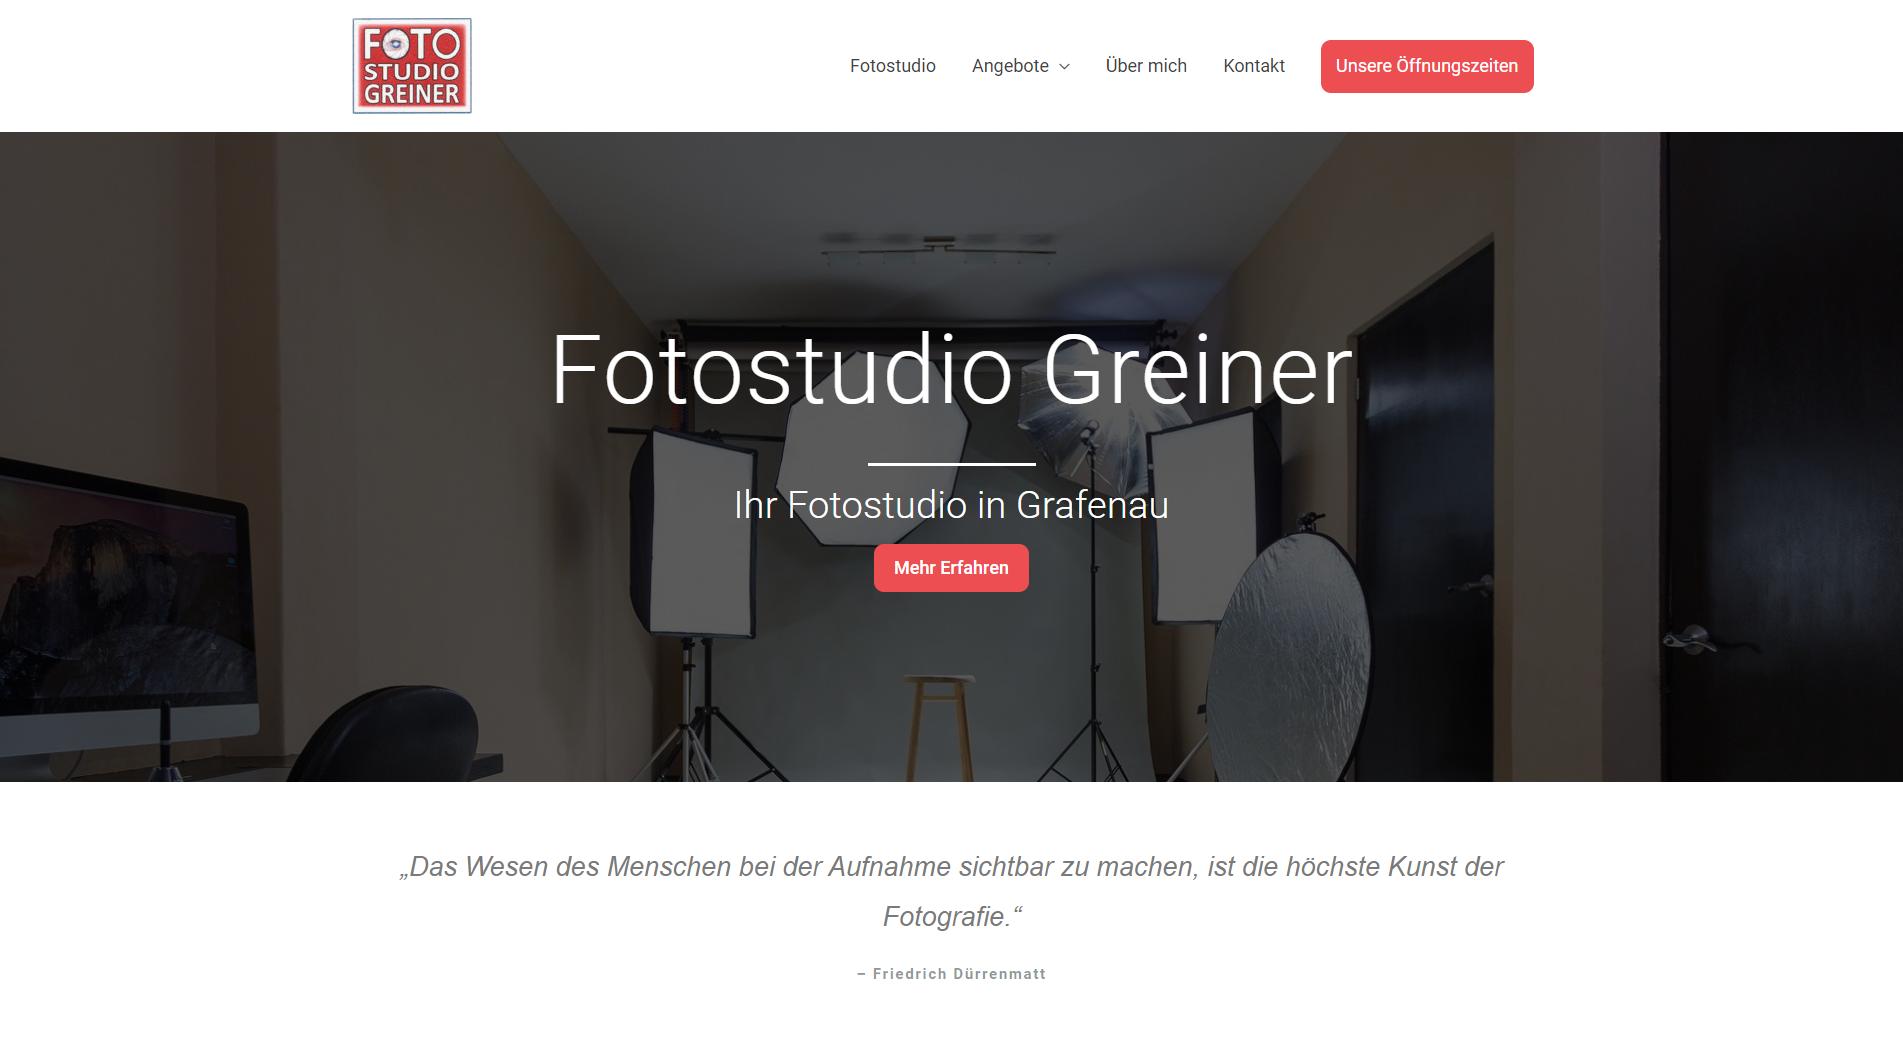 Fotostudio Greiner